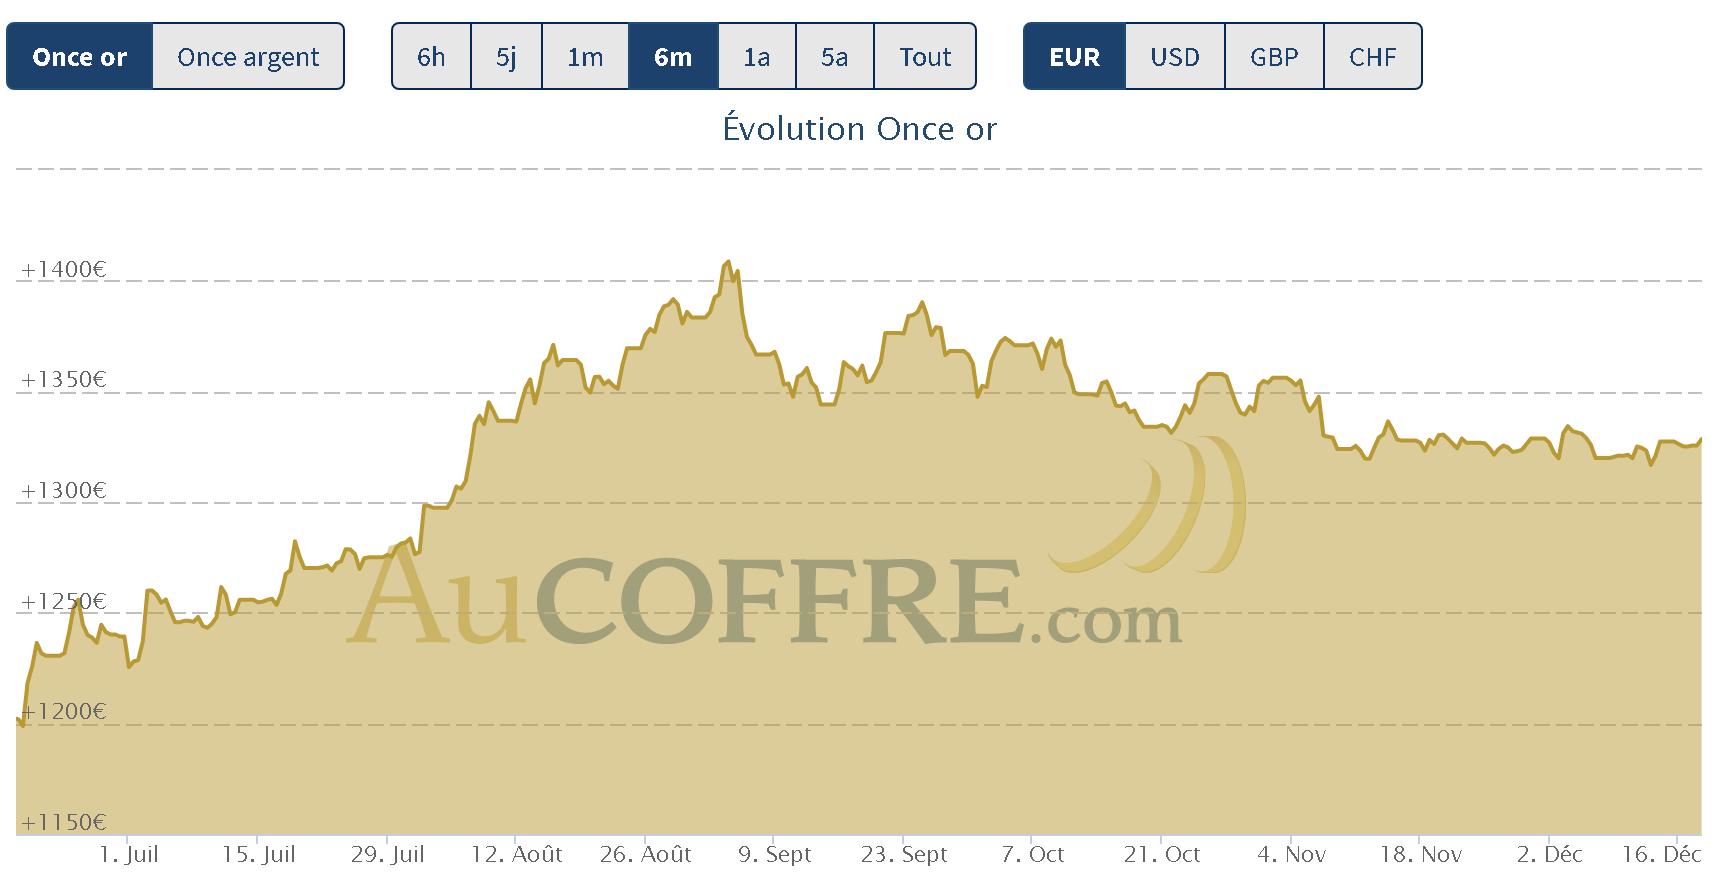 cours de l'or à la moitié de décembre 2019